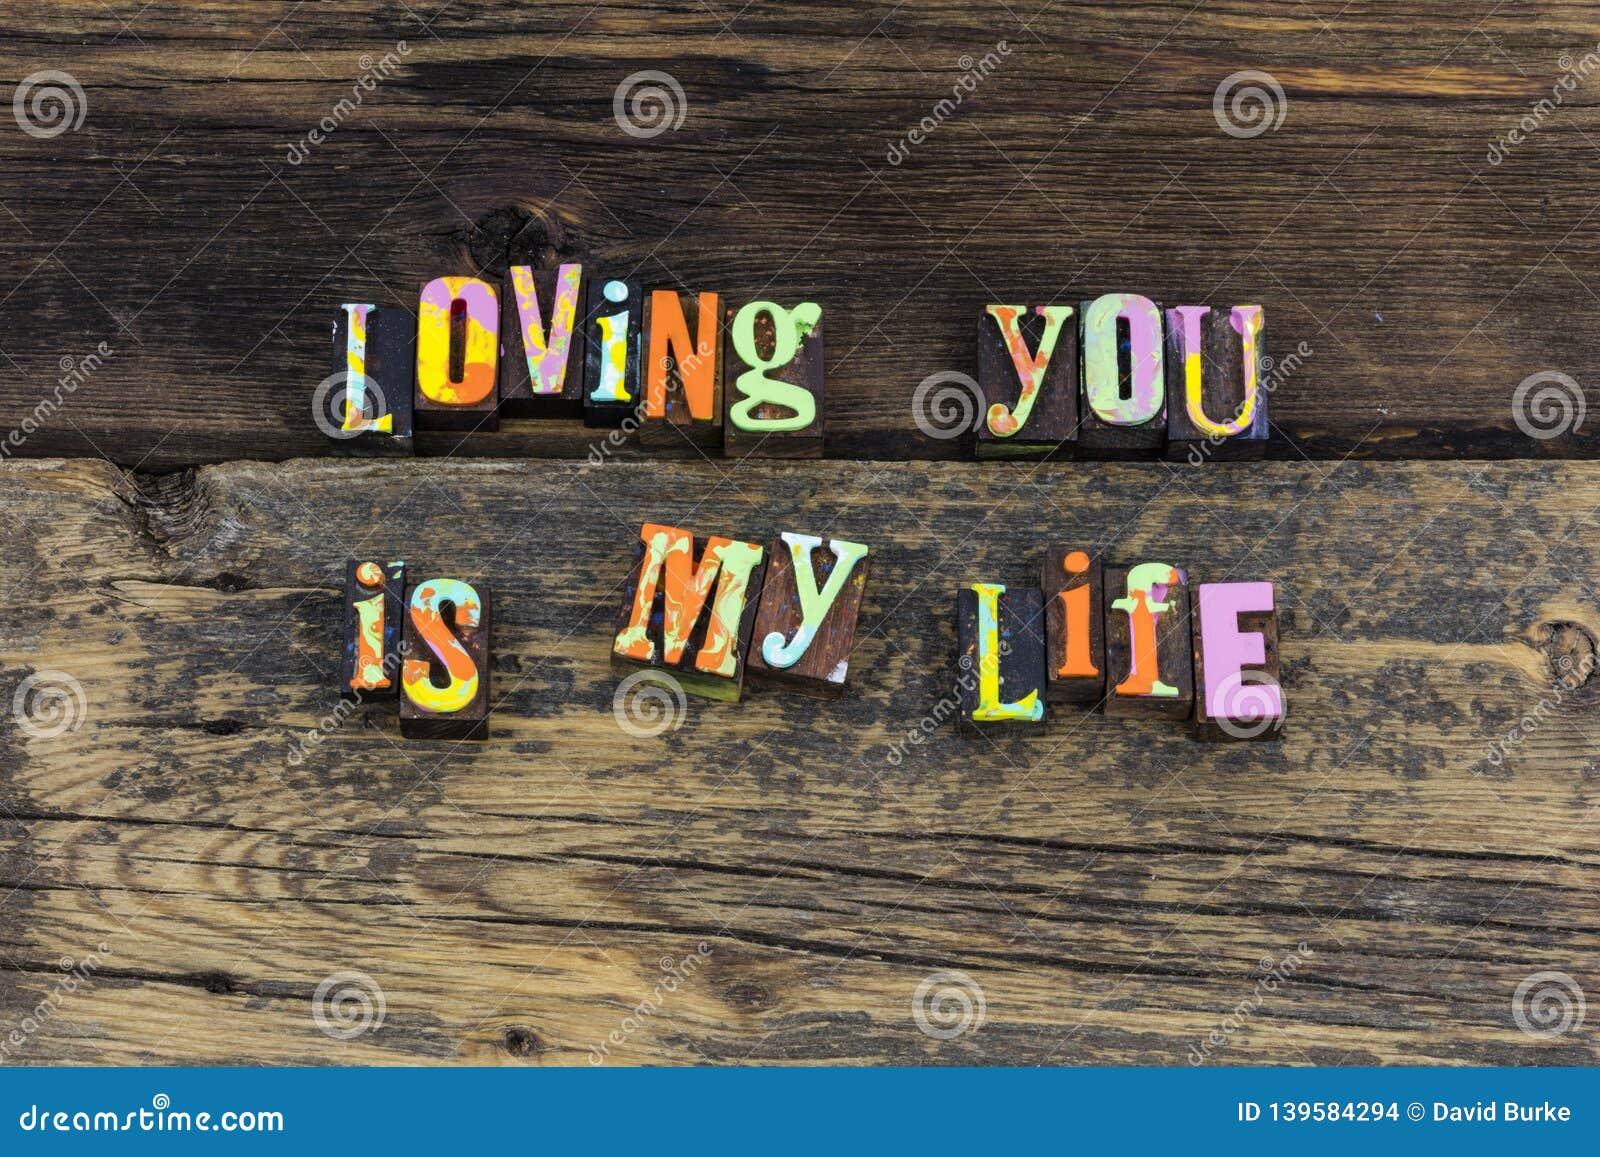 Love life forever happy romance heart letterpress